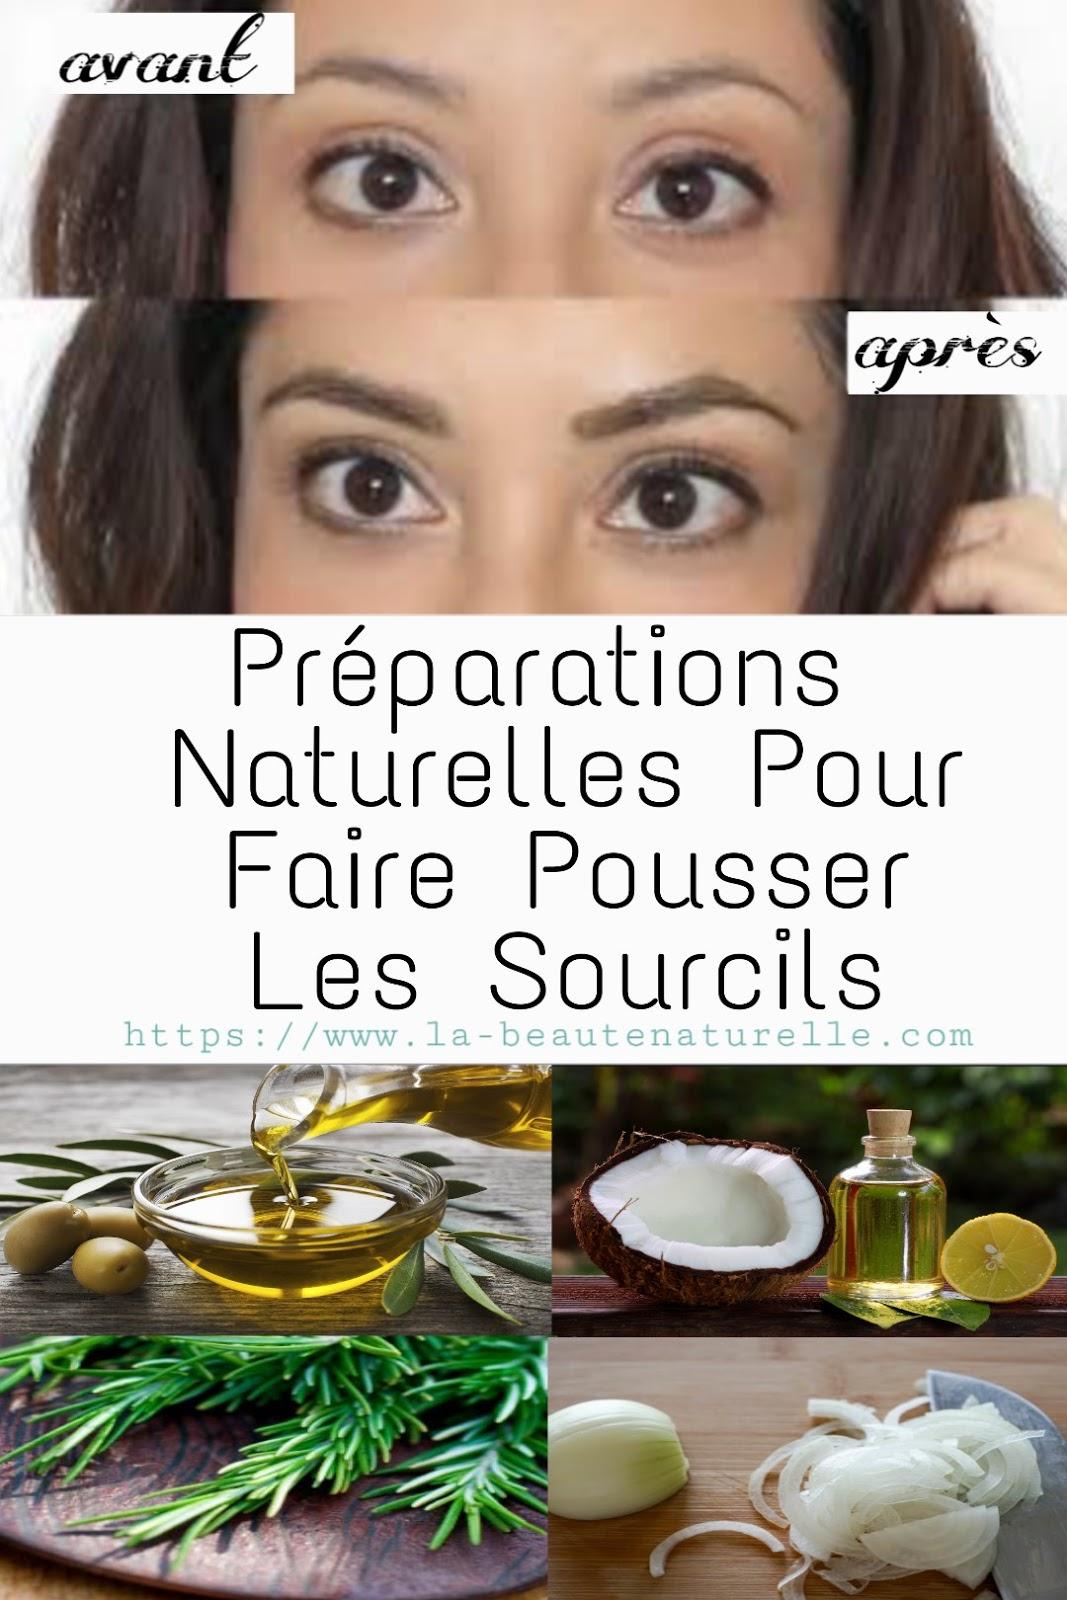 Préparations Naturelles Pour Faire Pousser Les Sourcils